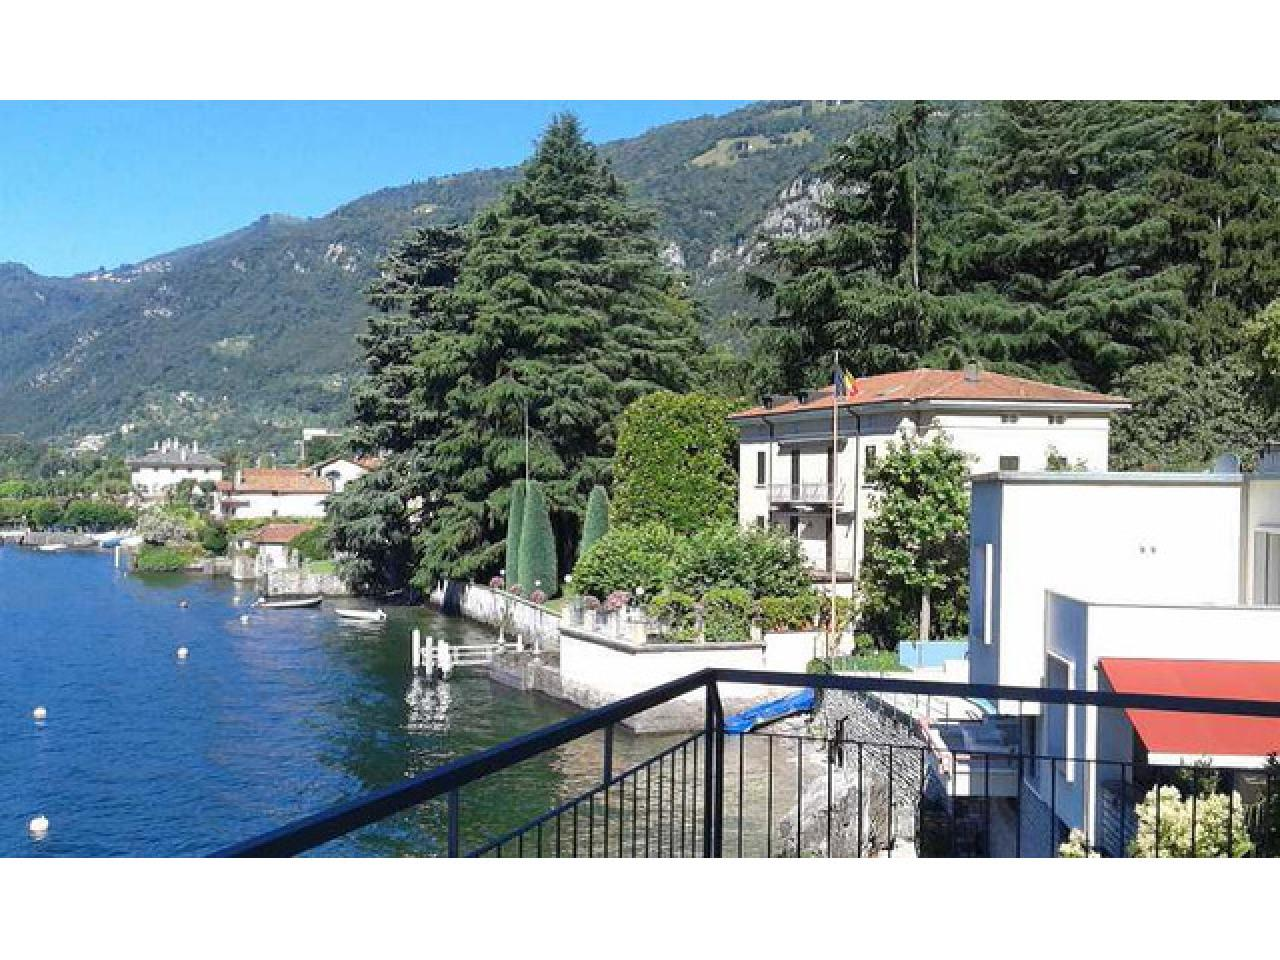 Вилла в городе Ленно (Италия) на озере Комо - 5